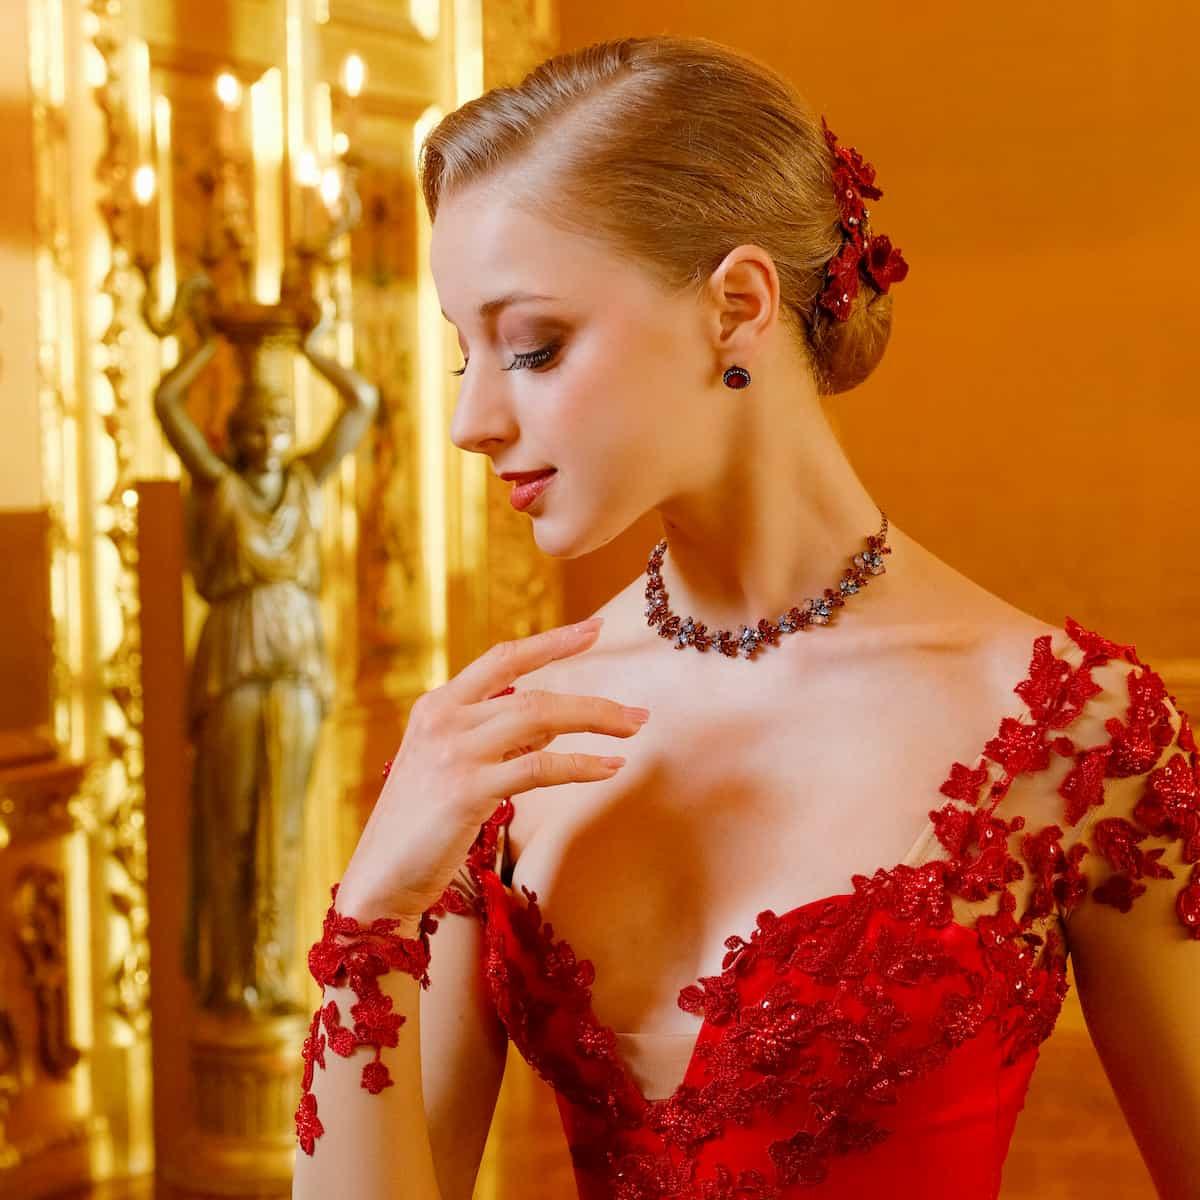 Neujahrskonzert 2020 der Wiener Philharmoniker, Ballett, Andris Nelsons als Dirigent - hier Tänzerin Natascha Mair